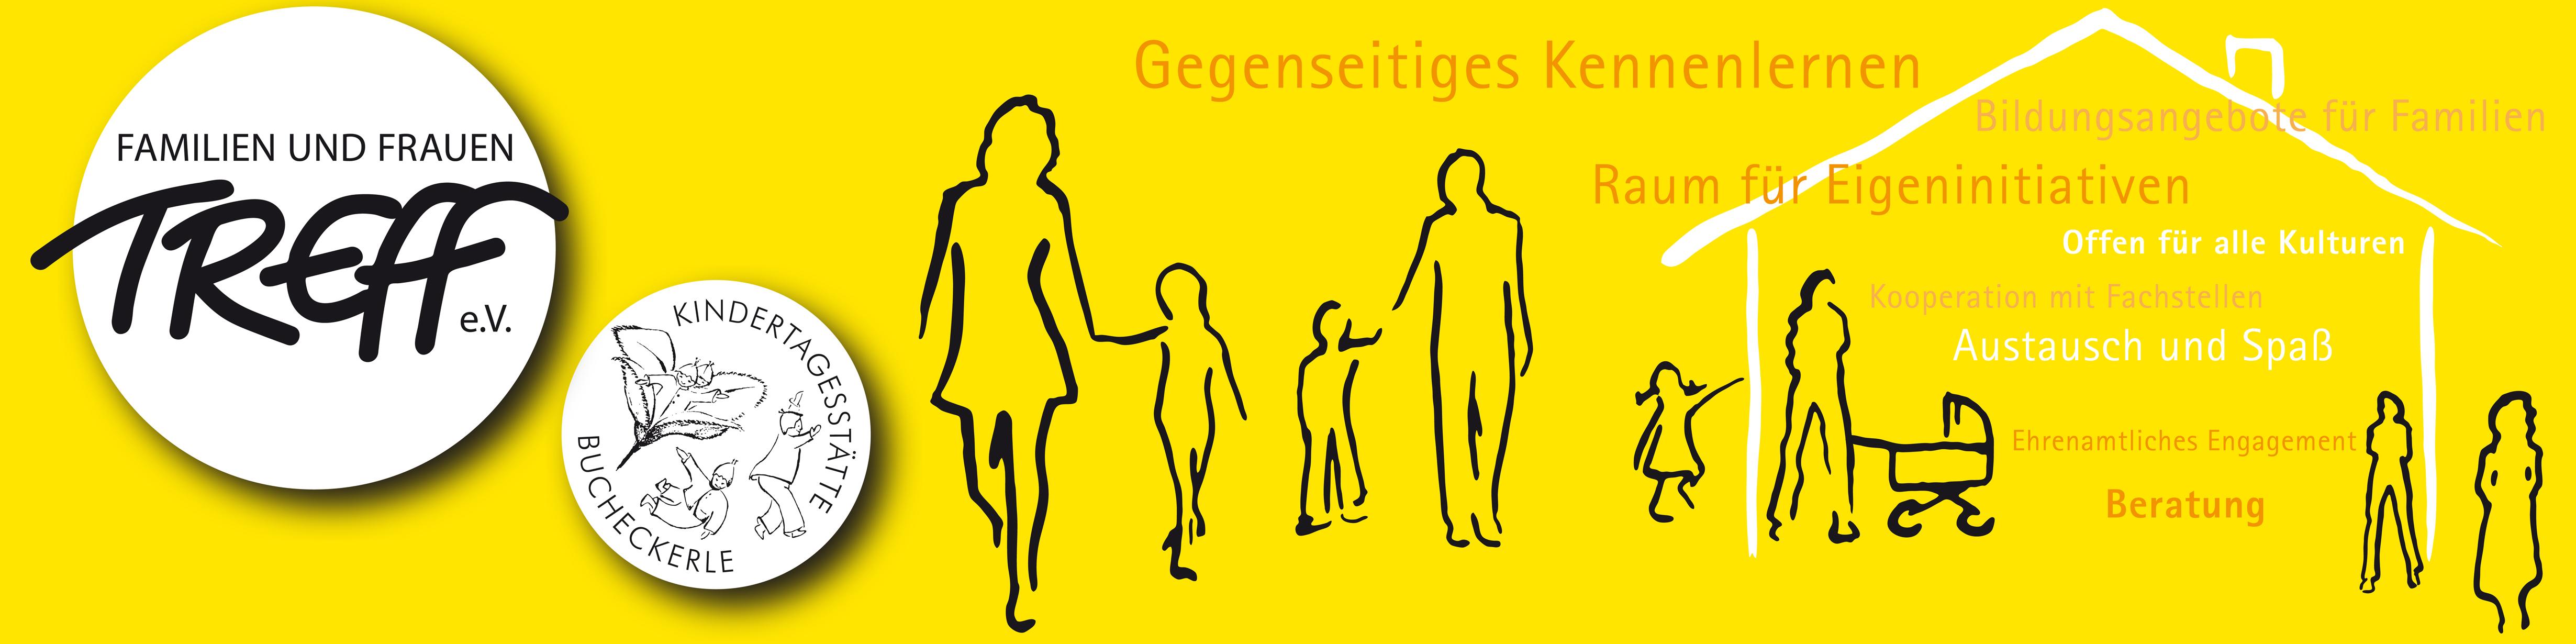 Familien- und Frauentreff e.V.